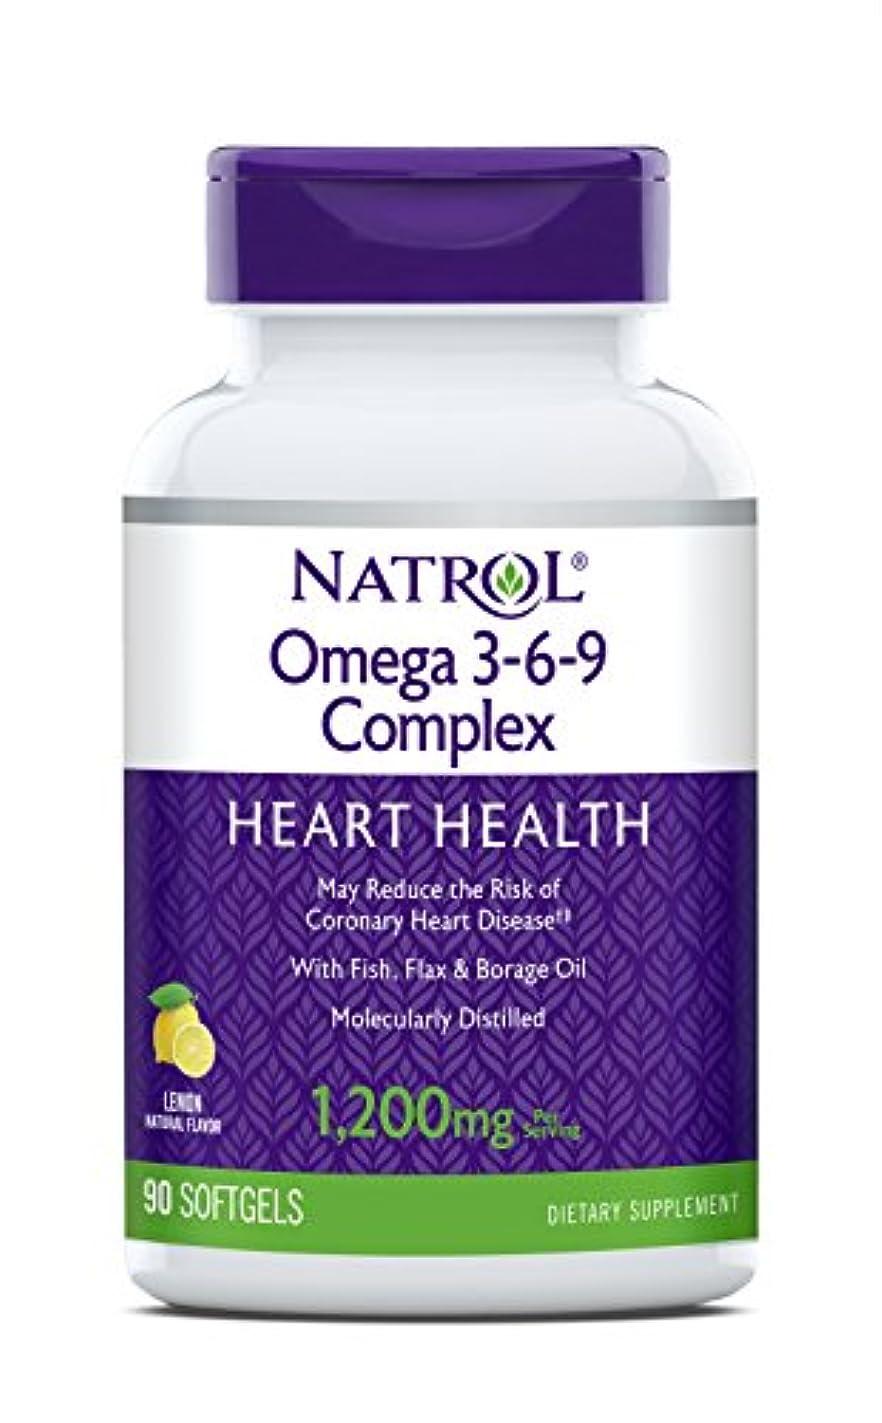 期待してまっすぐにする月曜海外直送品 Natrol (incl Laci Le Beau Teas) Omega 3-6-9 Complex, 90 Softgels